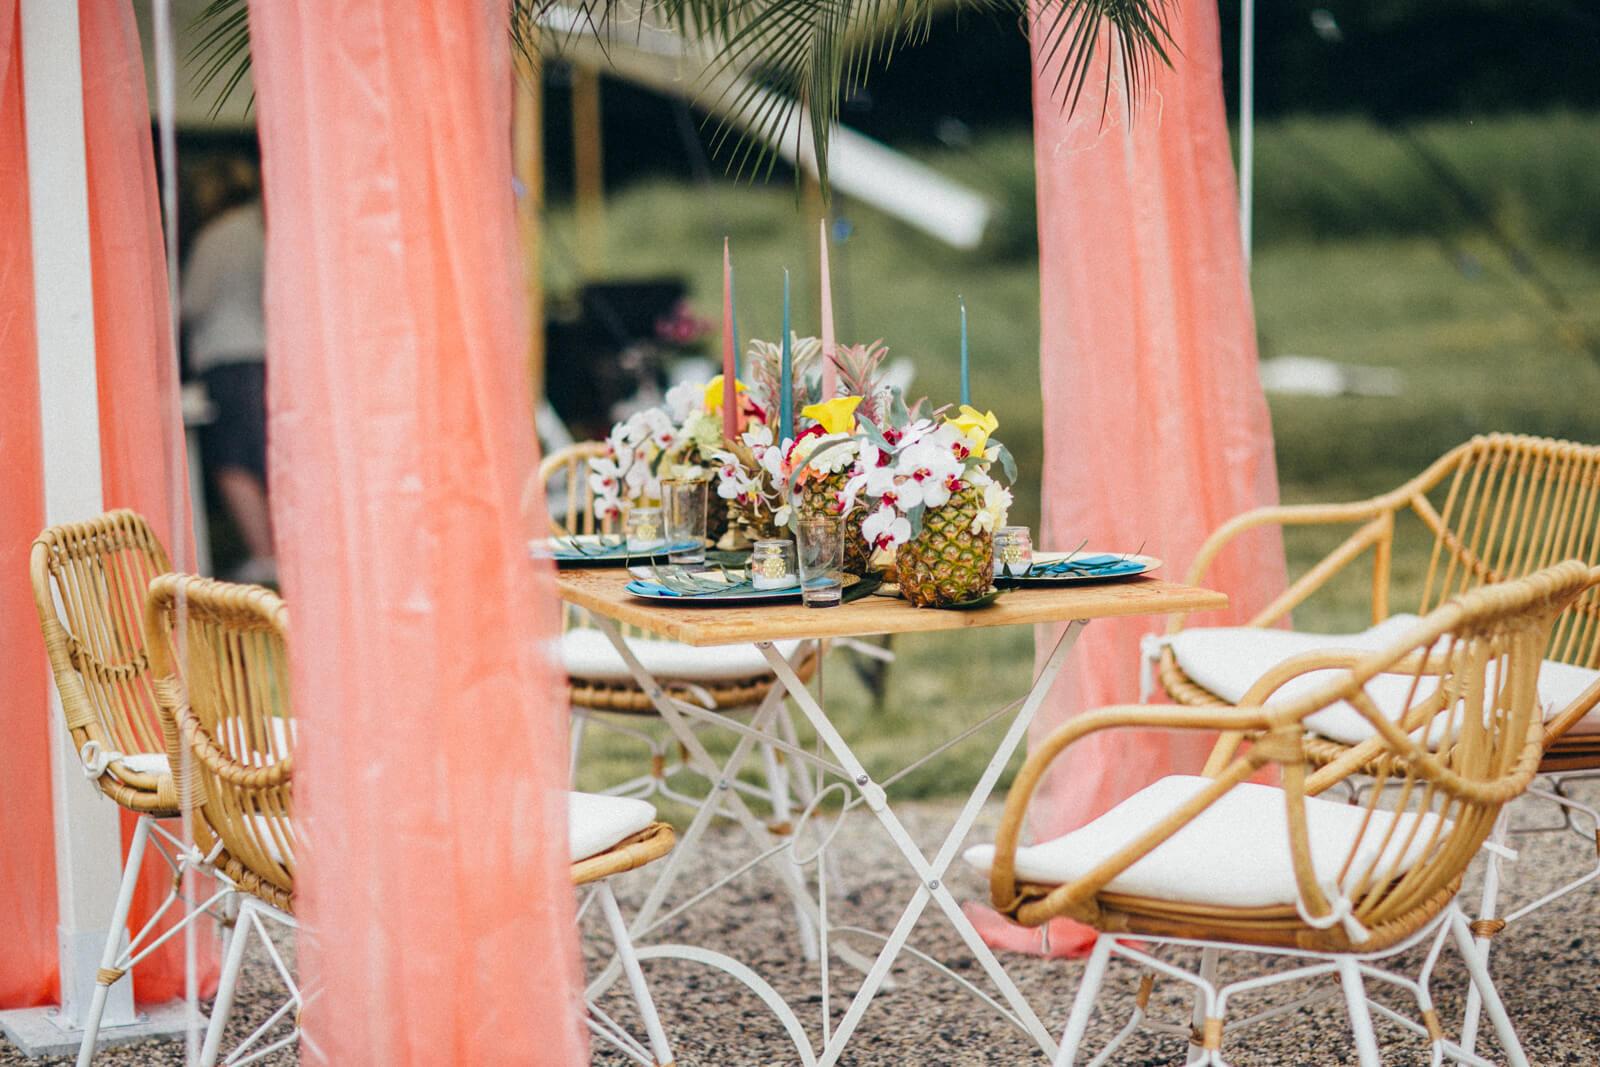 Wedding-Market-Leipzig-Sommer-Edition-2018-Tisch-von-massivum-Deko-von-Saltoflorale-II-(c)-Andy-Paulik